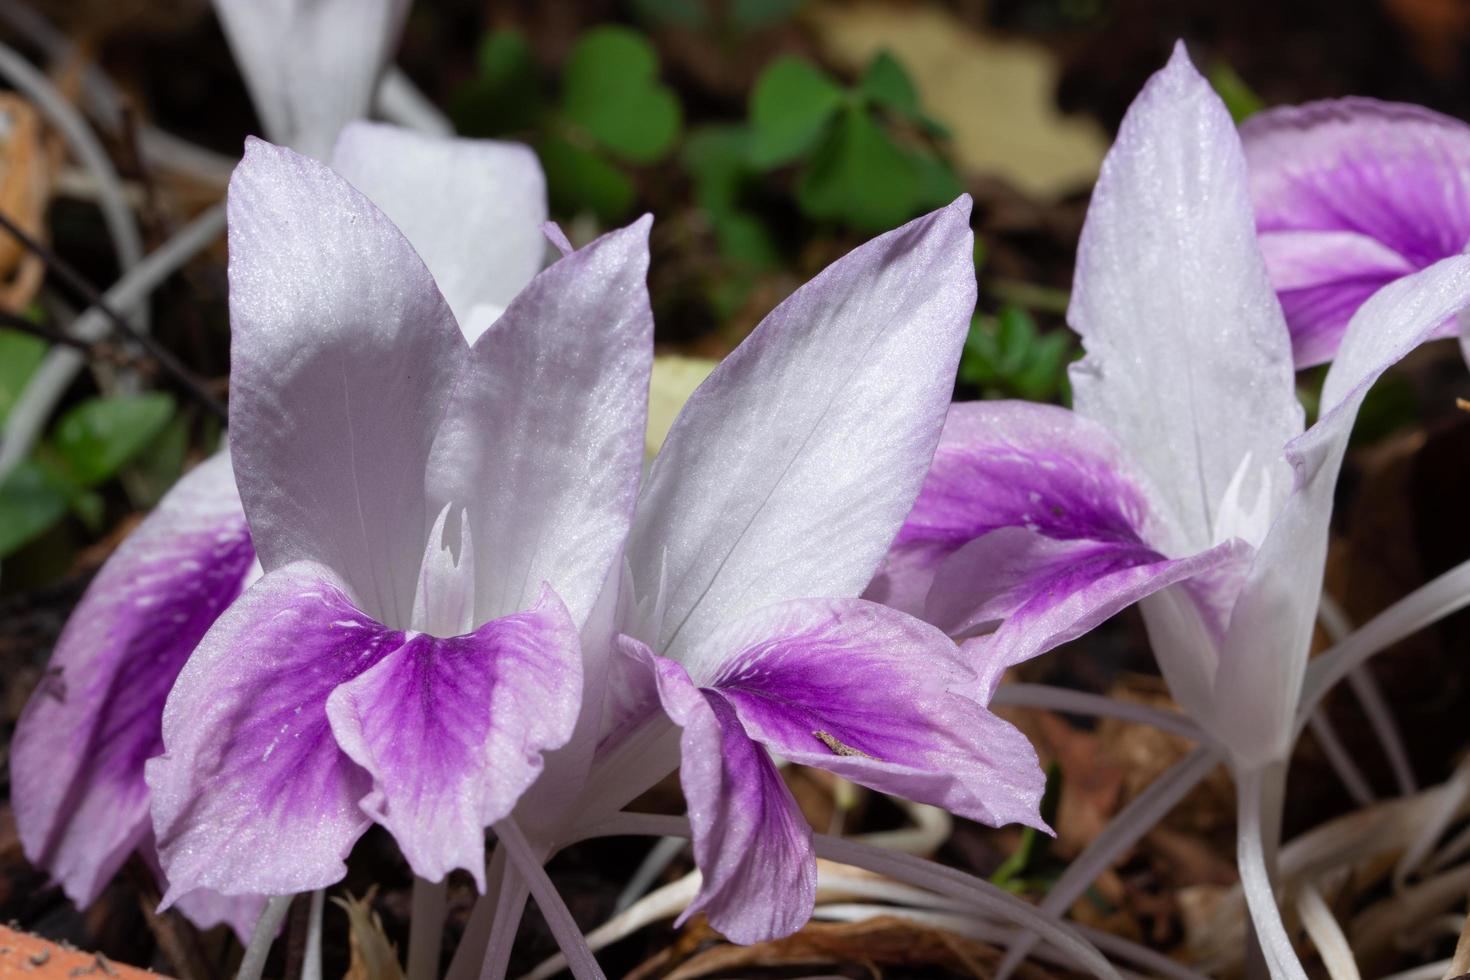 fondo de flor blanca y morada foto